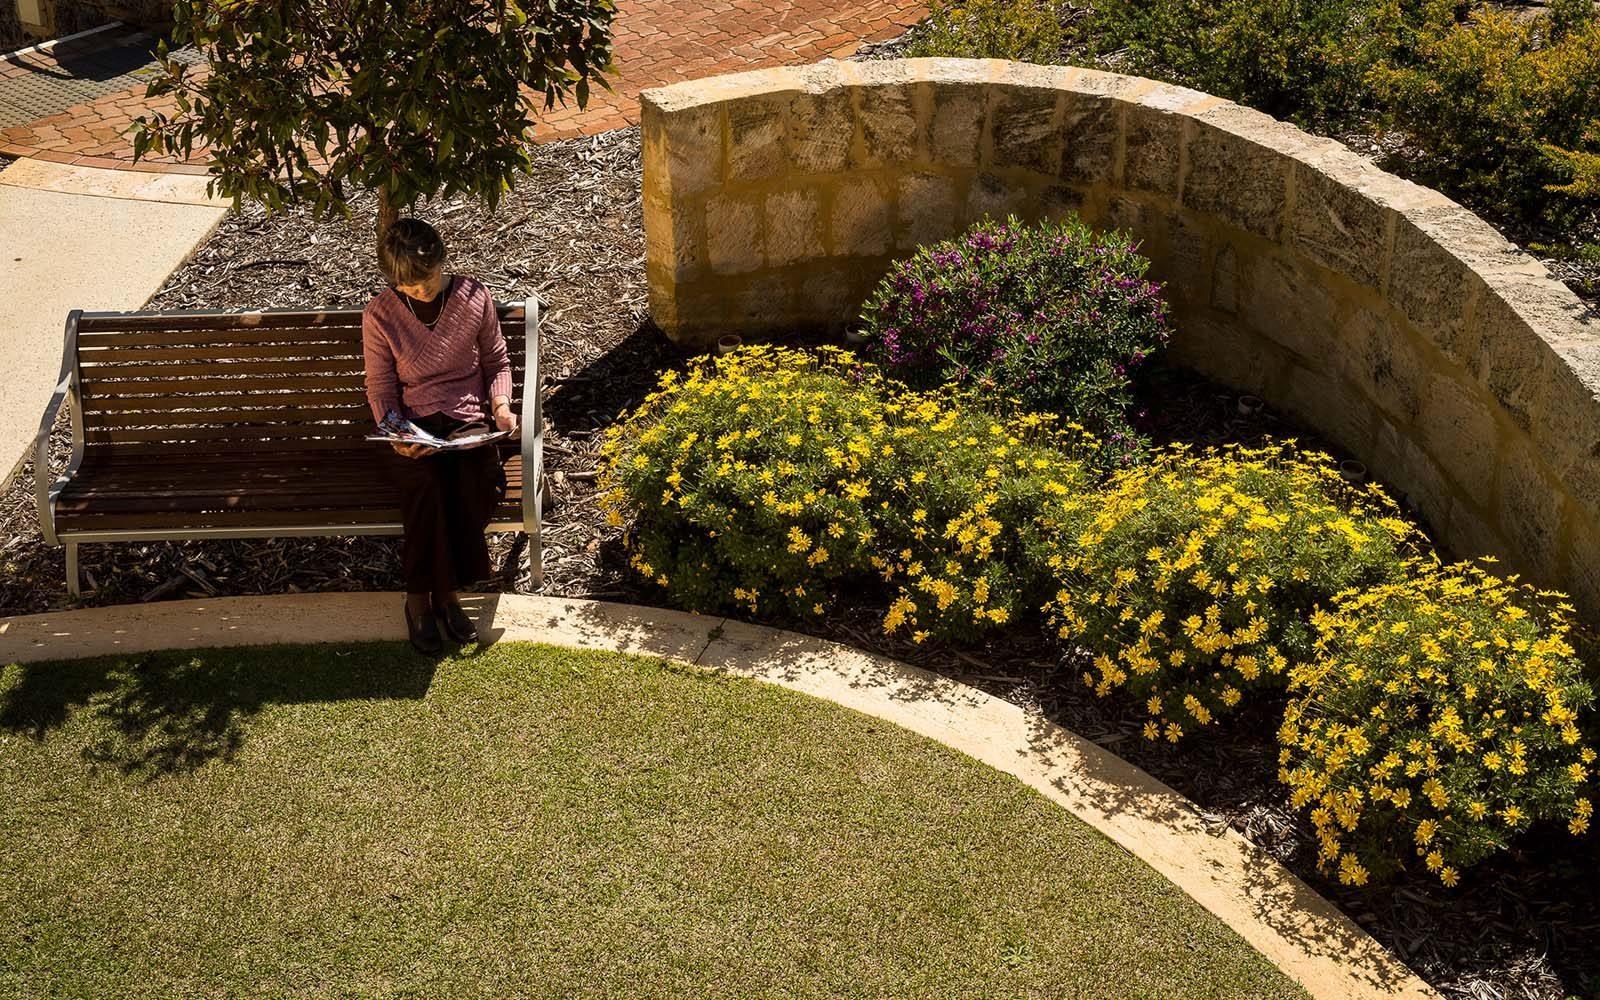 garden structure in retirement facilities